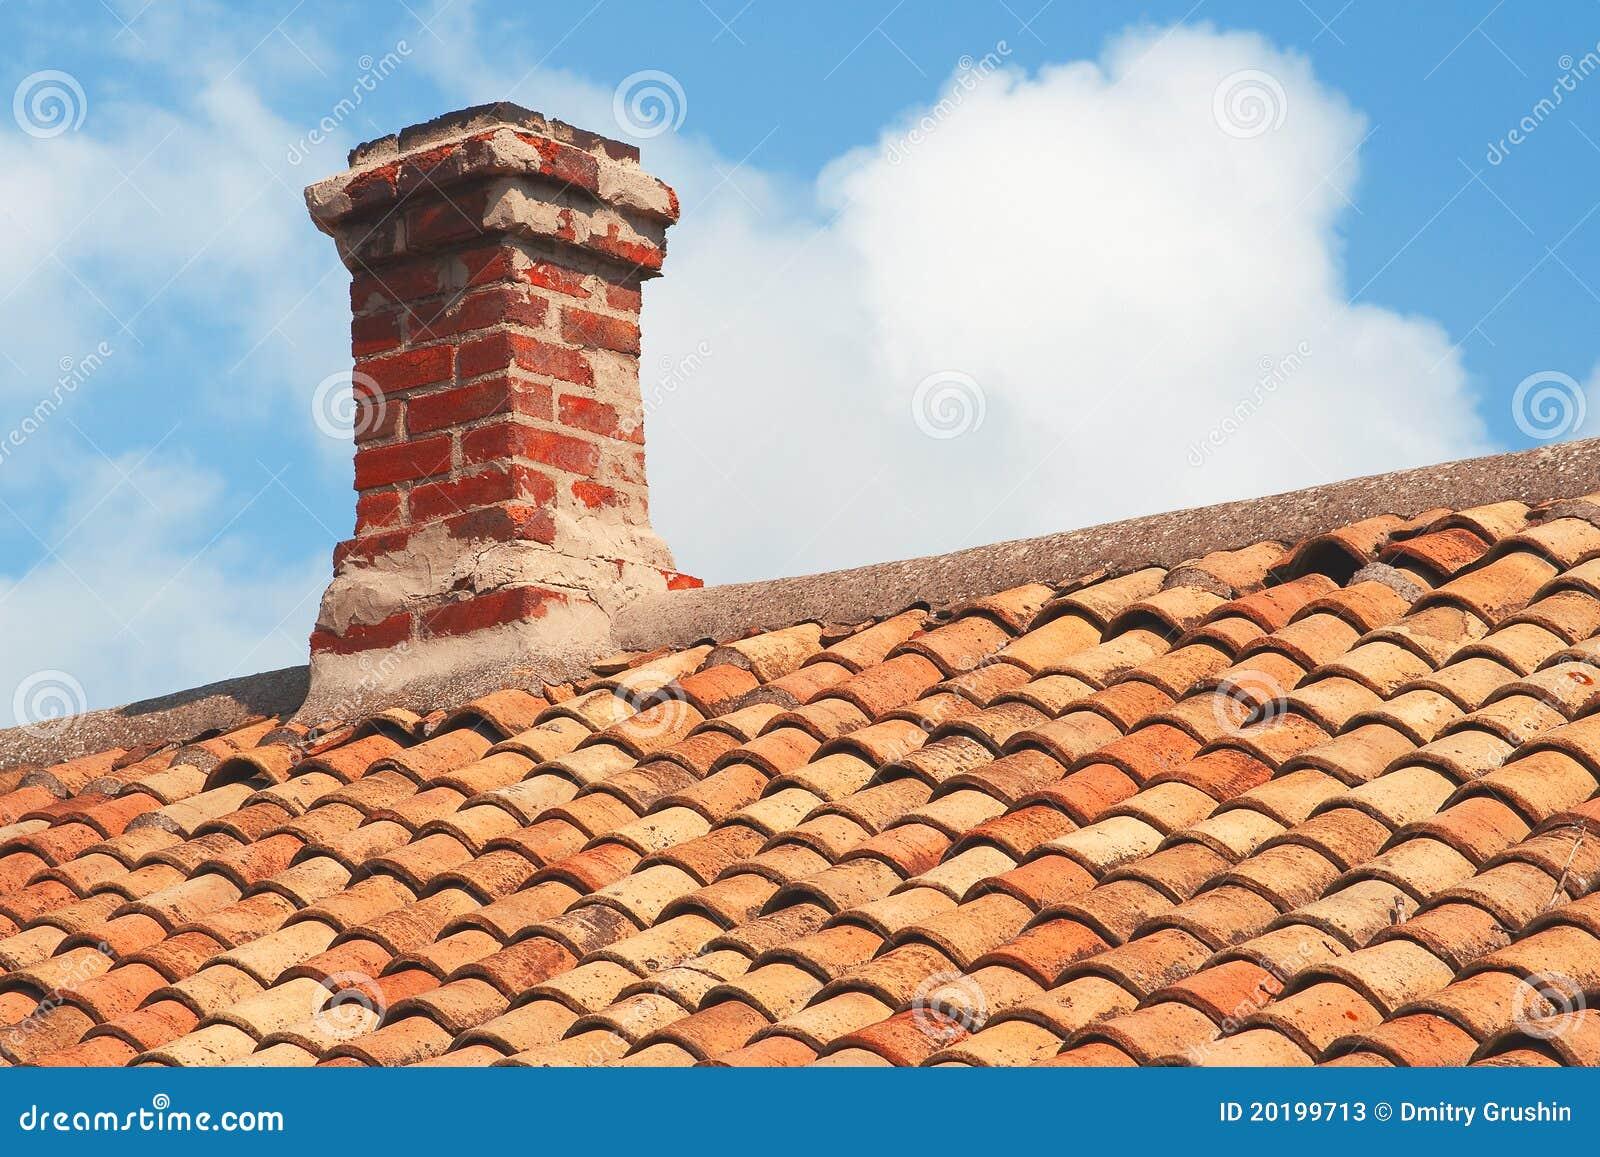 toit de tuile avec la chemin e de brique image stock image du ville tuile 20199713. Black Bedroom Furniture Sets. Home Design Ideas